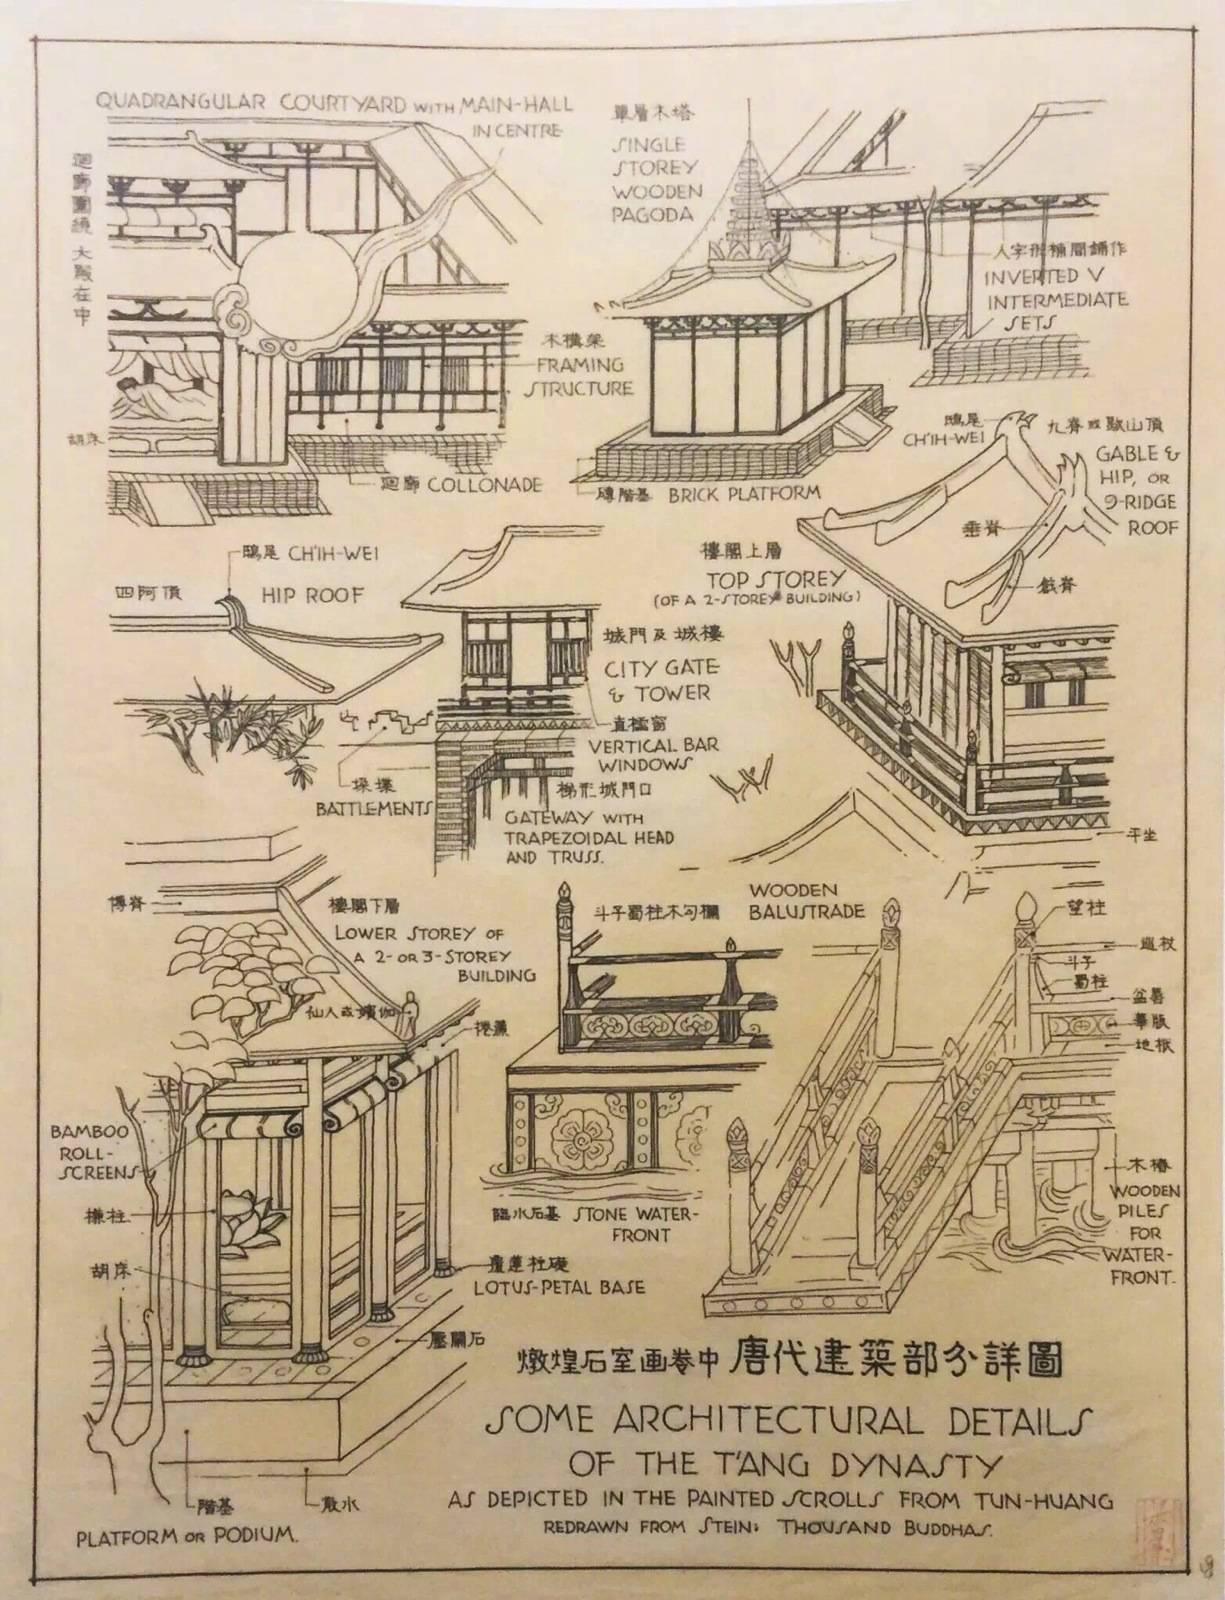 梁思成 · 建筑手绘杰作